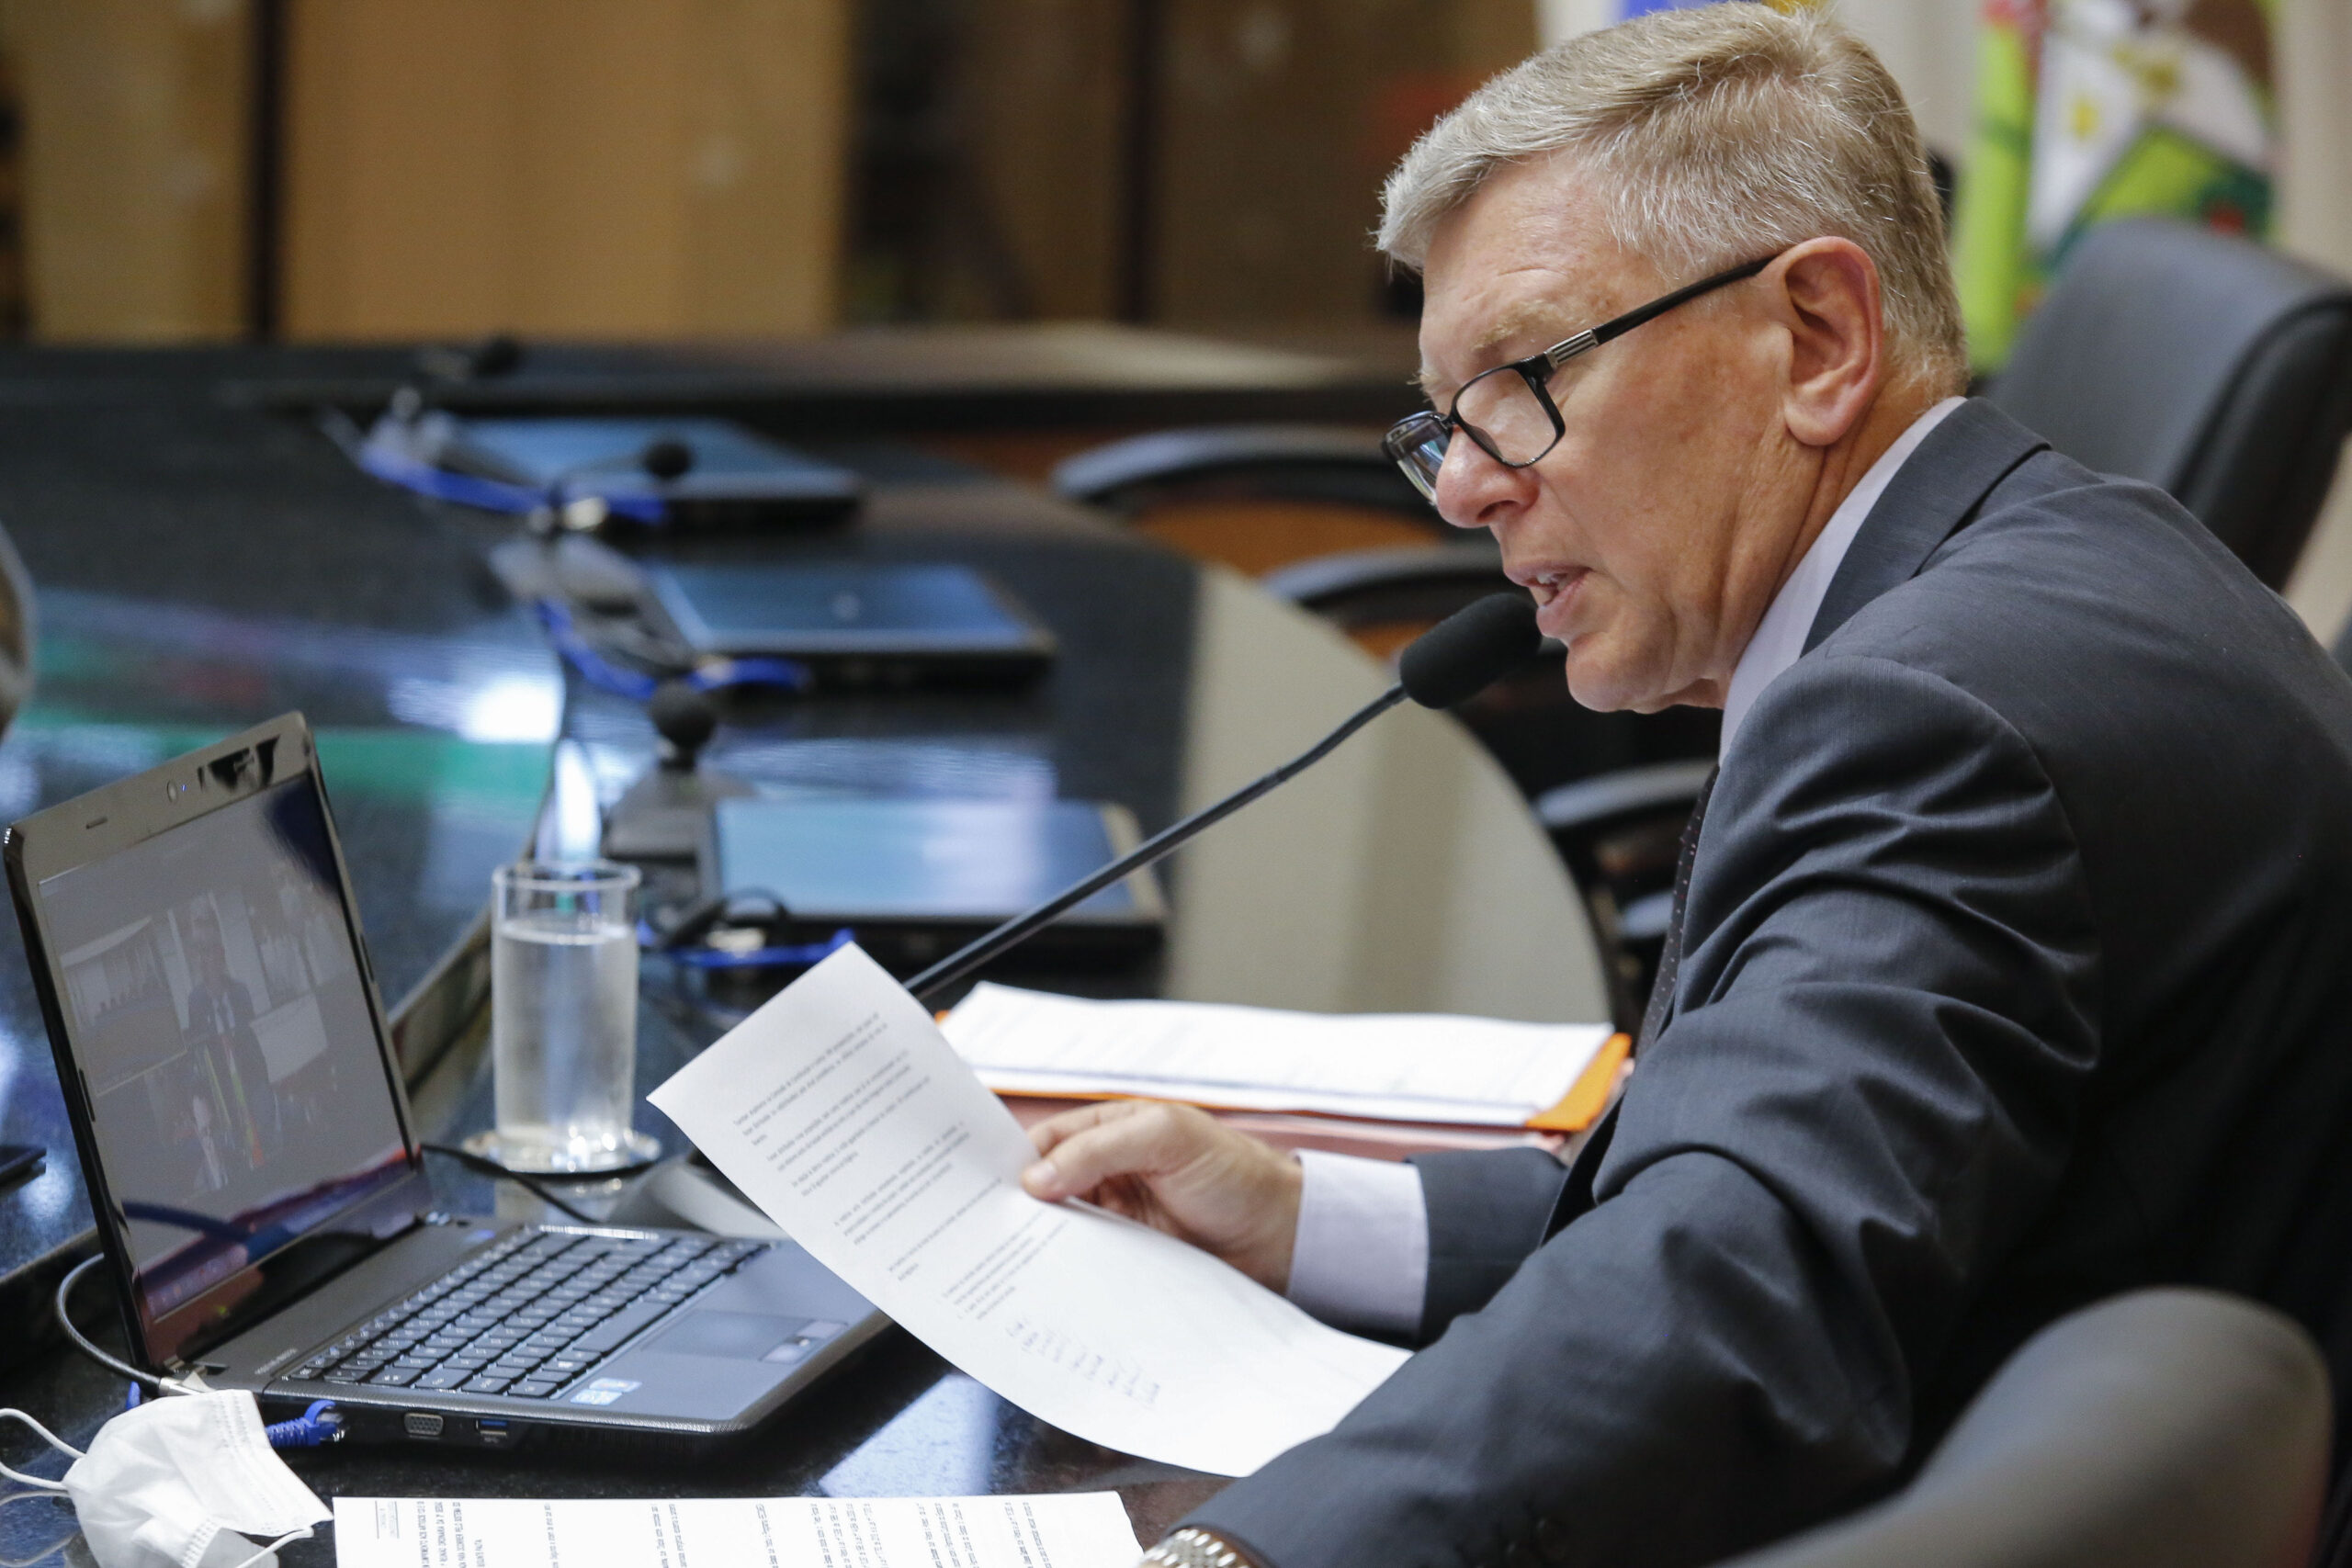 Projeto de lei permite isenção de imposto na compra de vacina contra a Covid-19 em SC